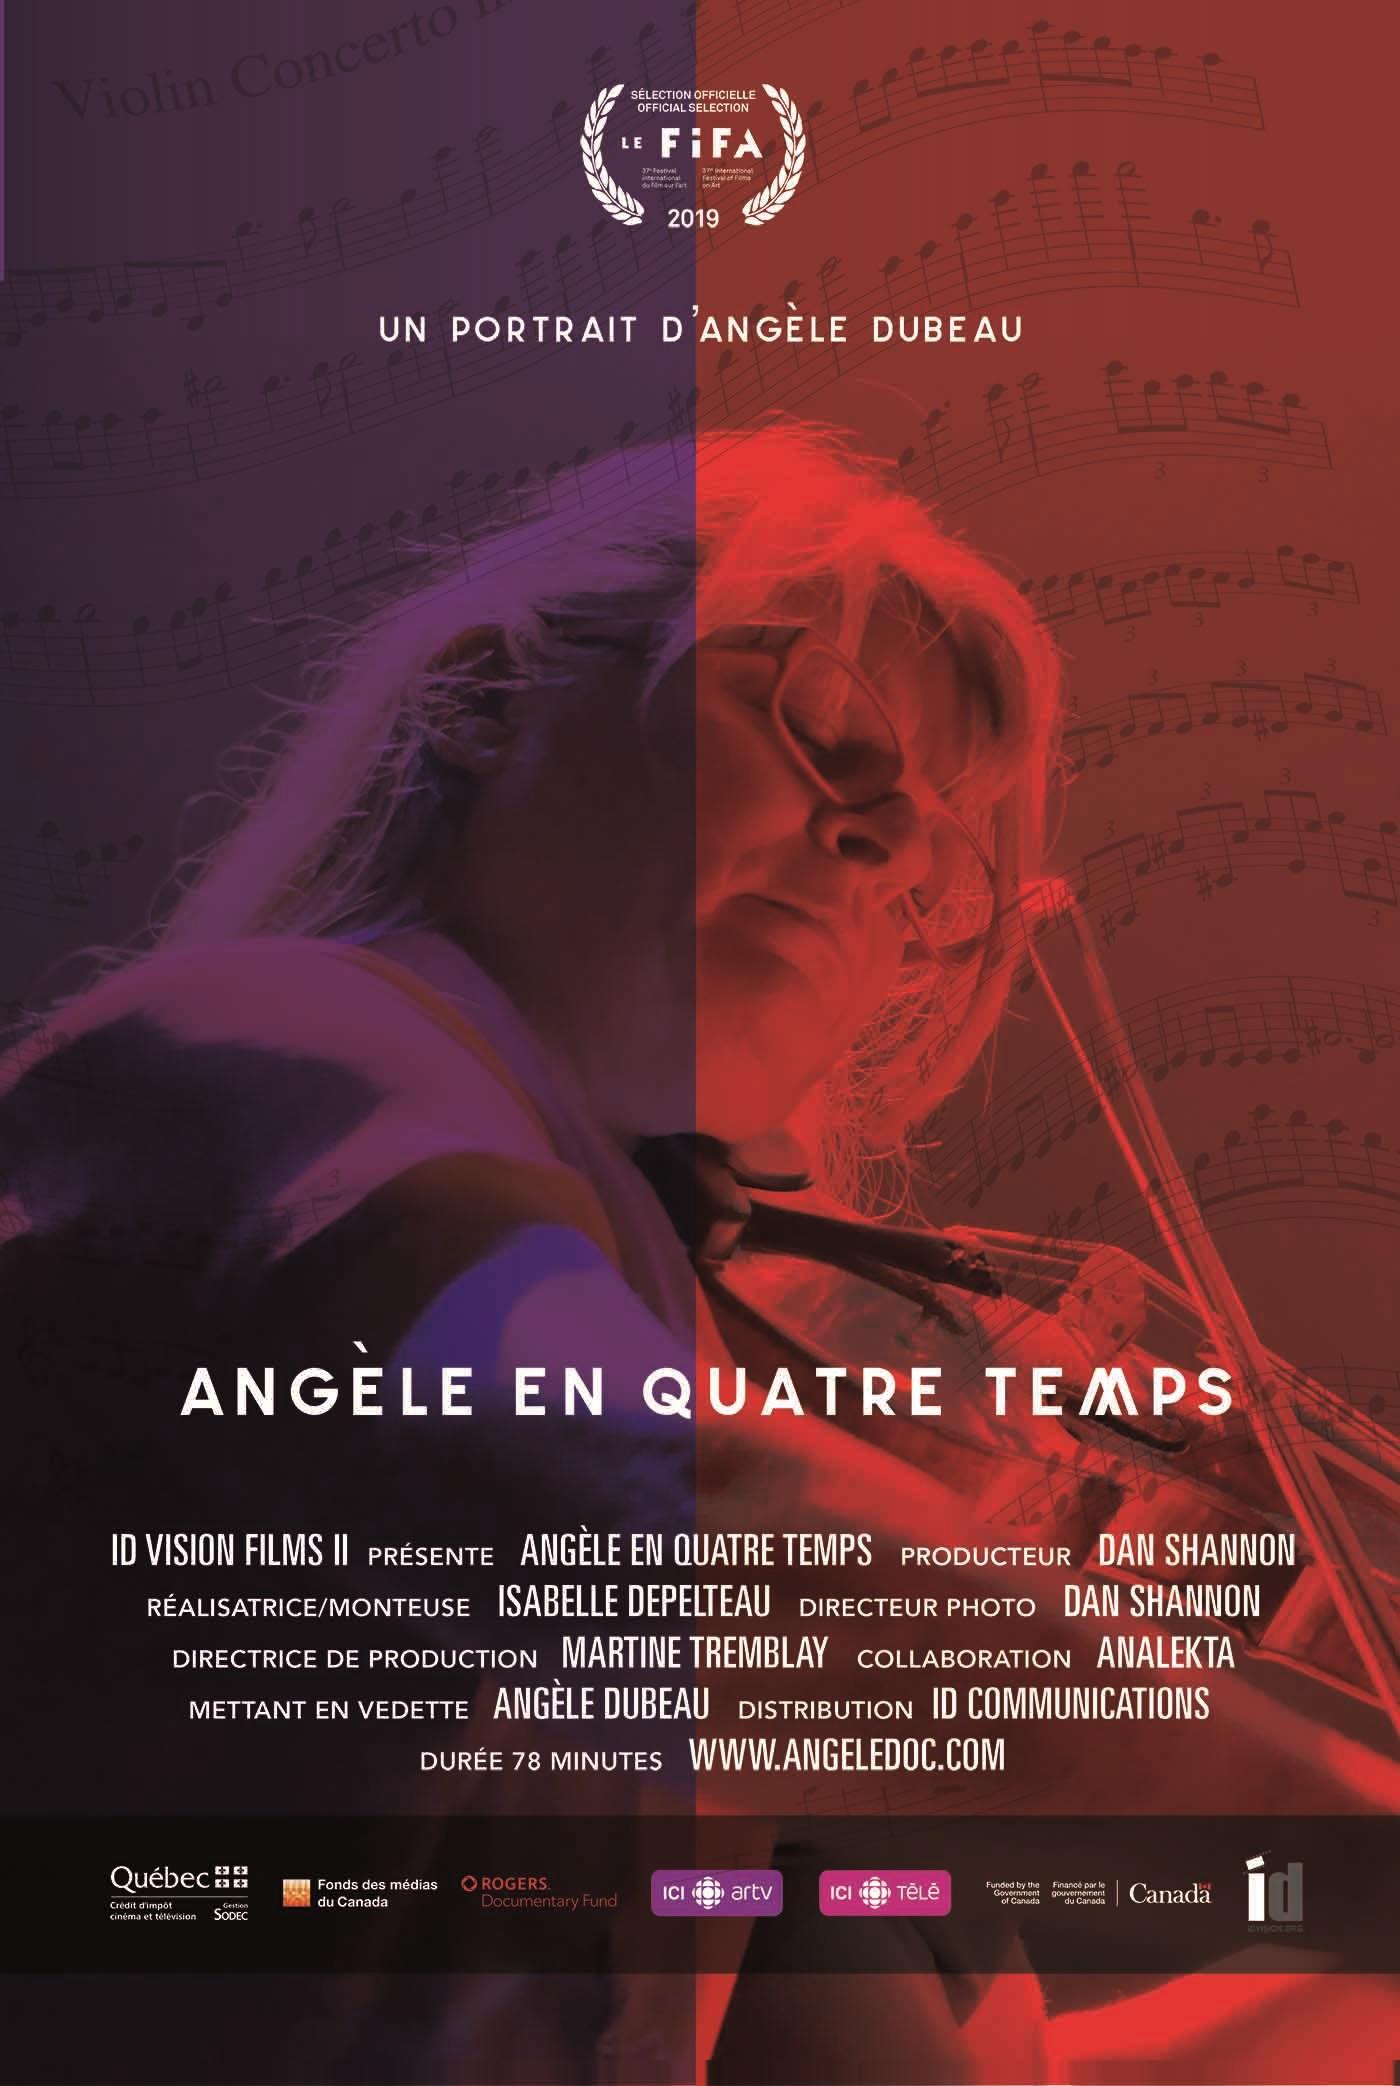 Angele-en-quatre-temps-poster PR